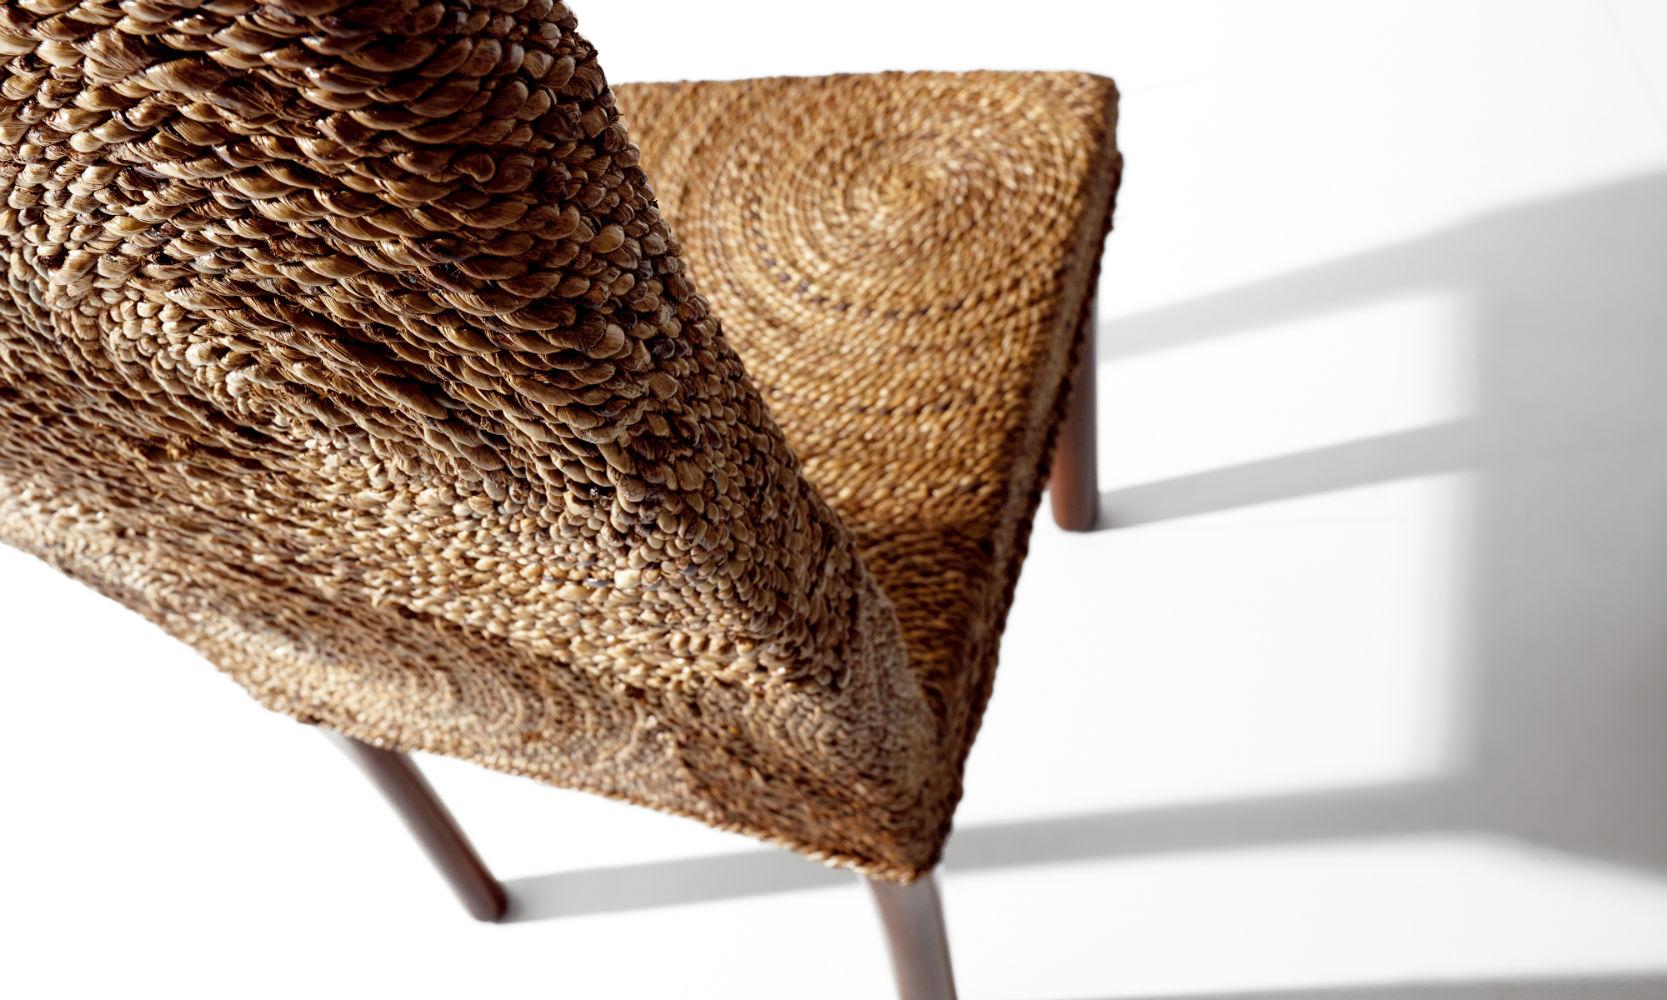 Silla moderna colonial clasica rattan 99 24375 for Sillas clasicas modernas